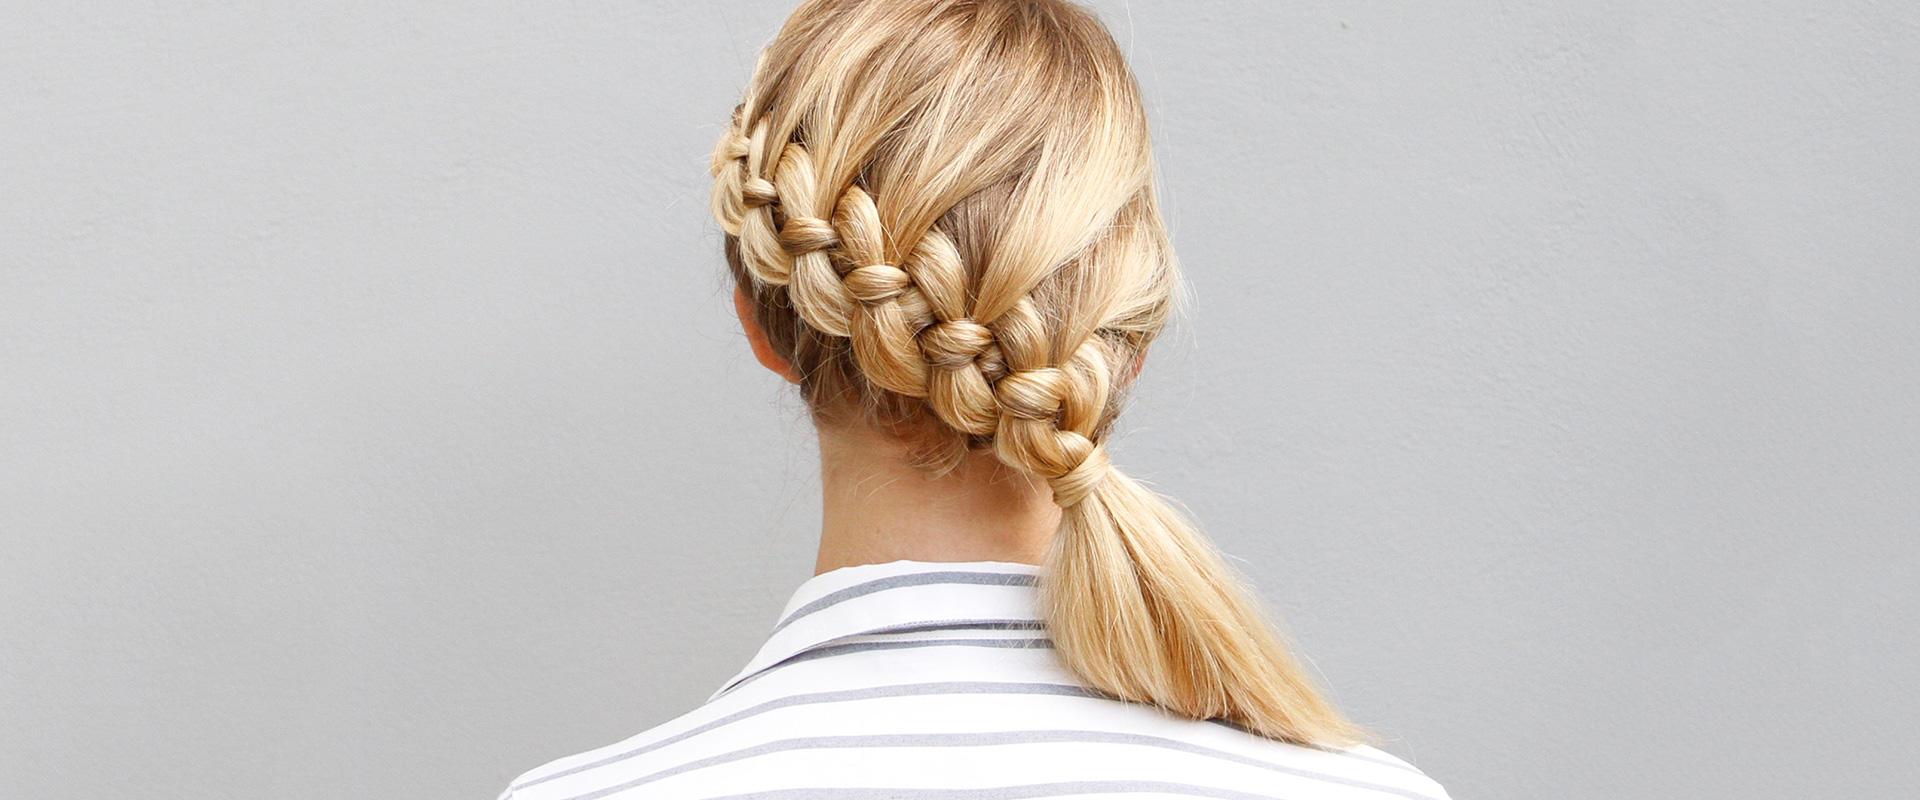 p-eacute-e-o-vlasy.jpg